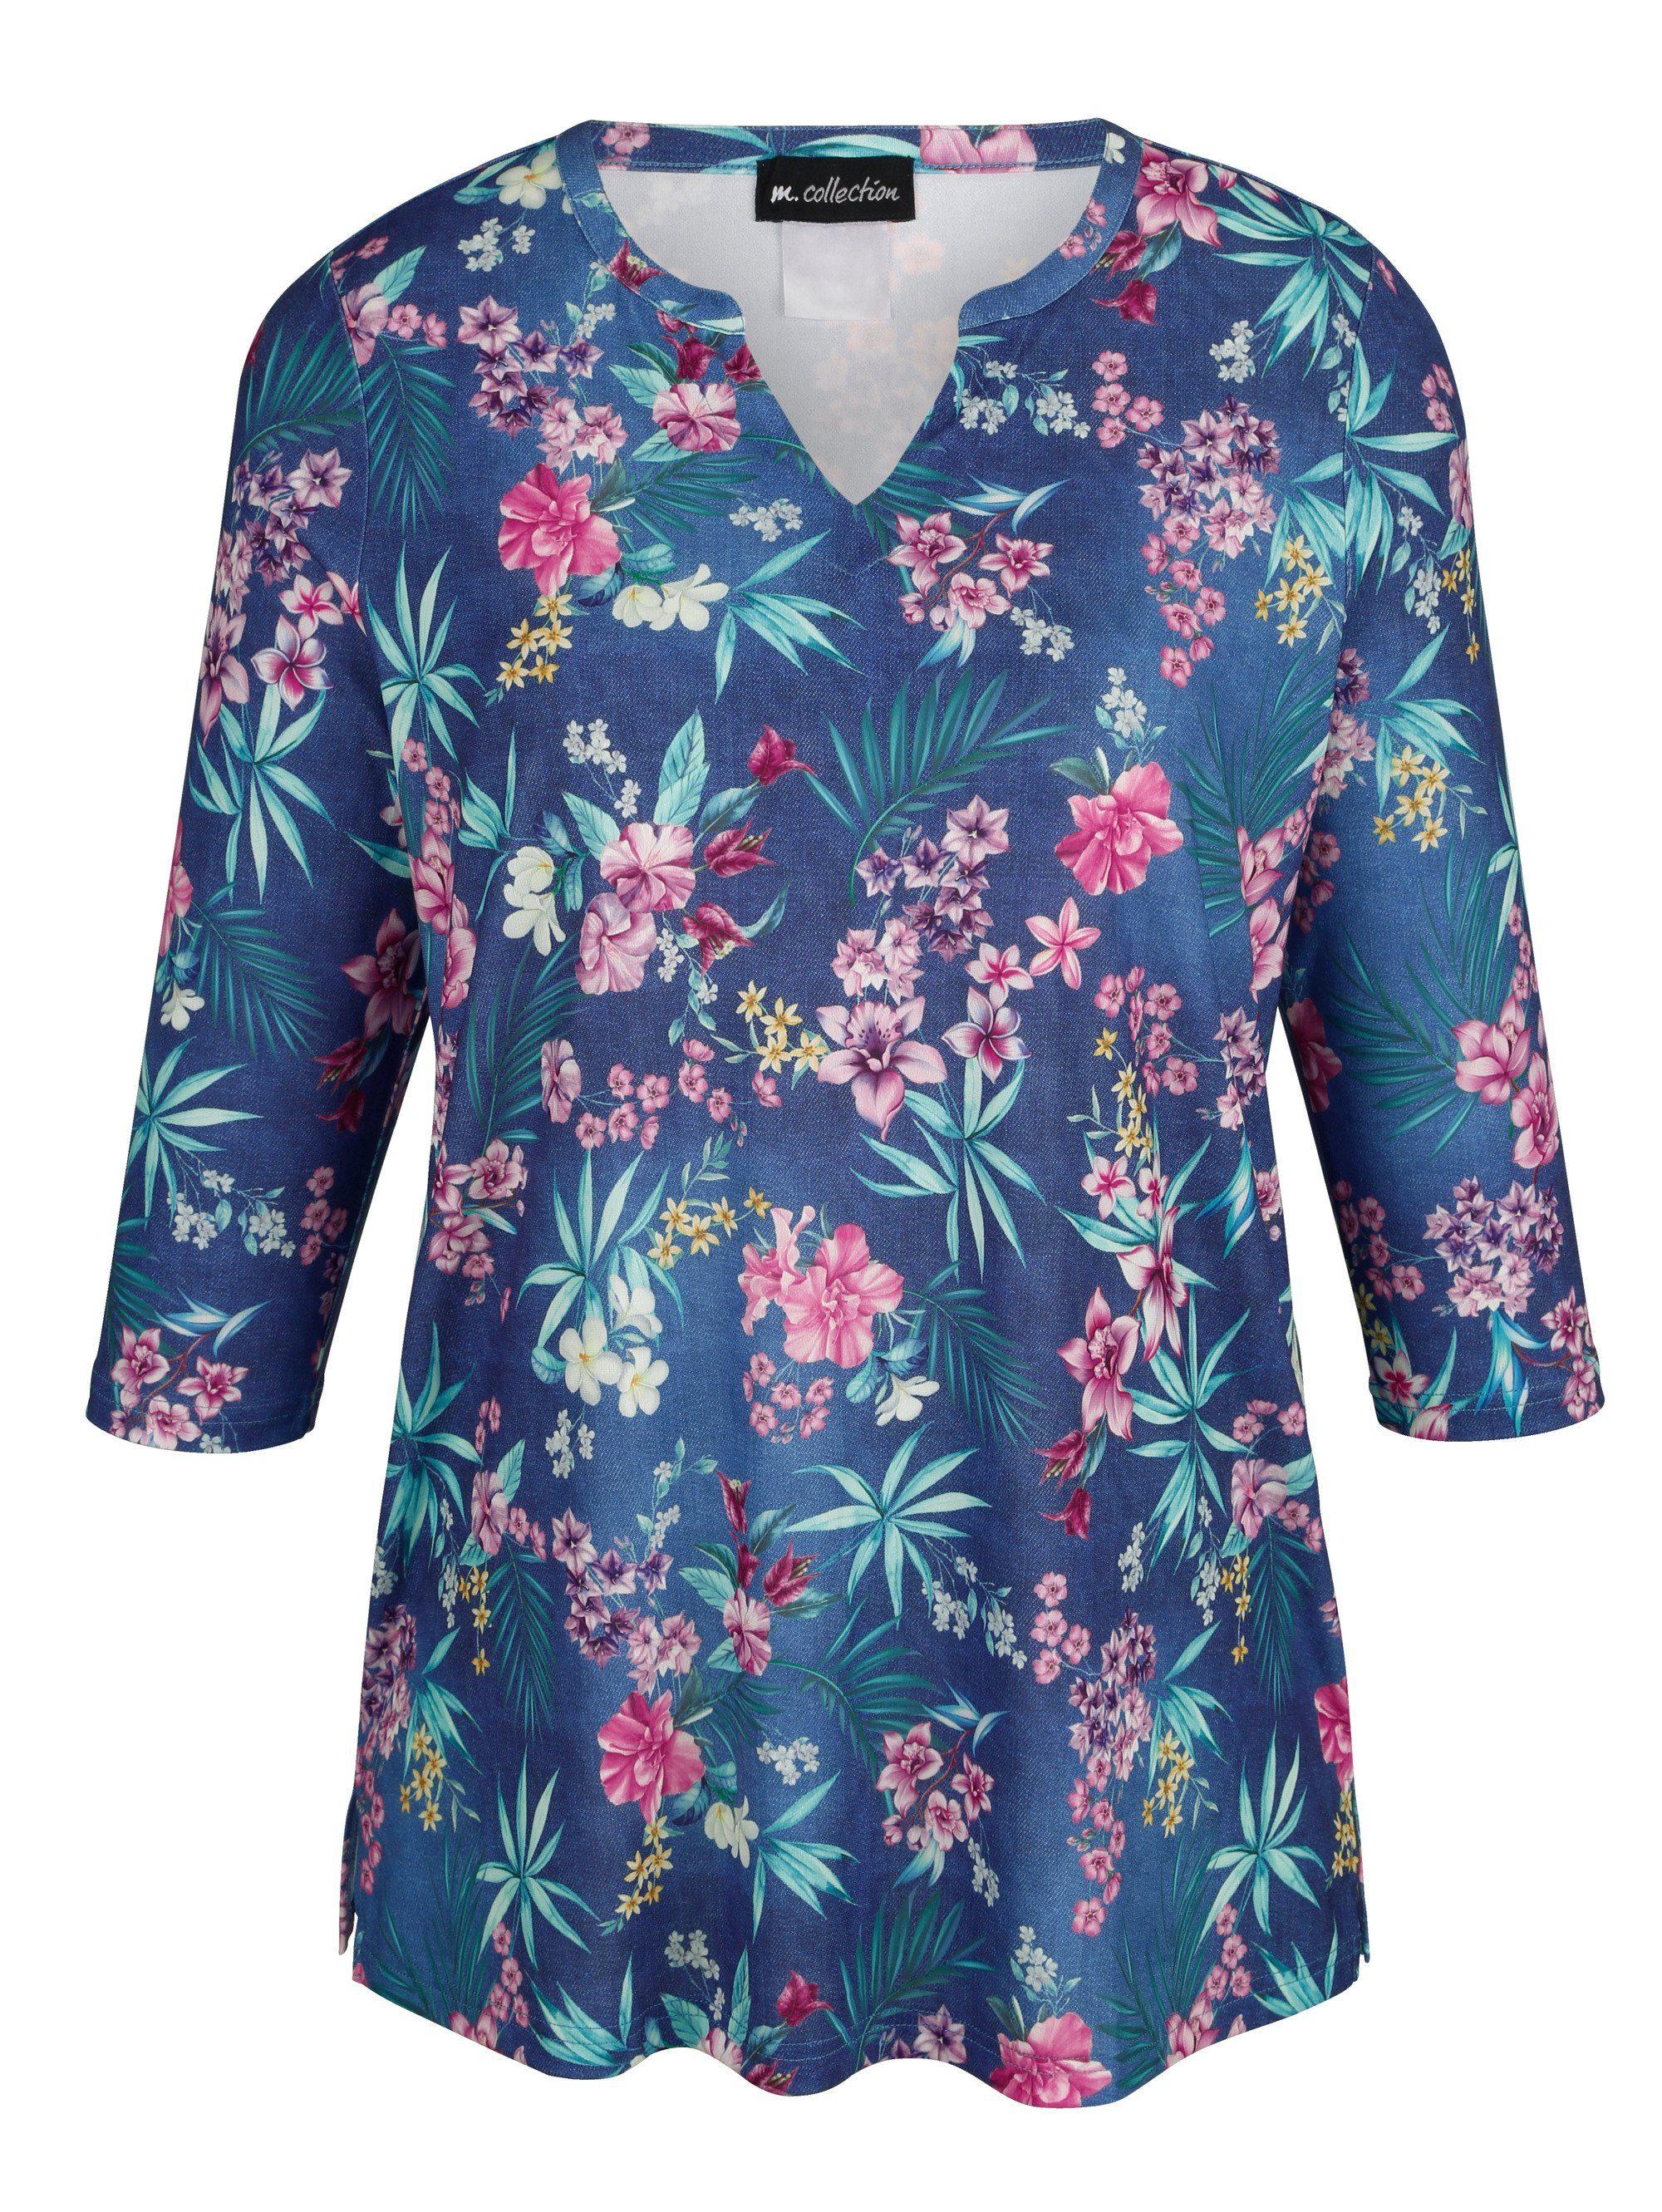 m. collection Shirt mit wunderschönen Druckdessin rundum